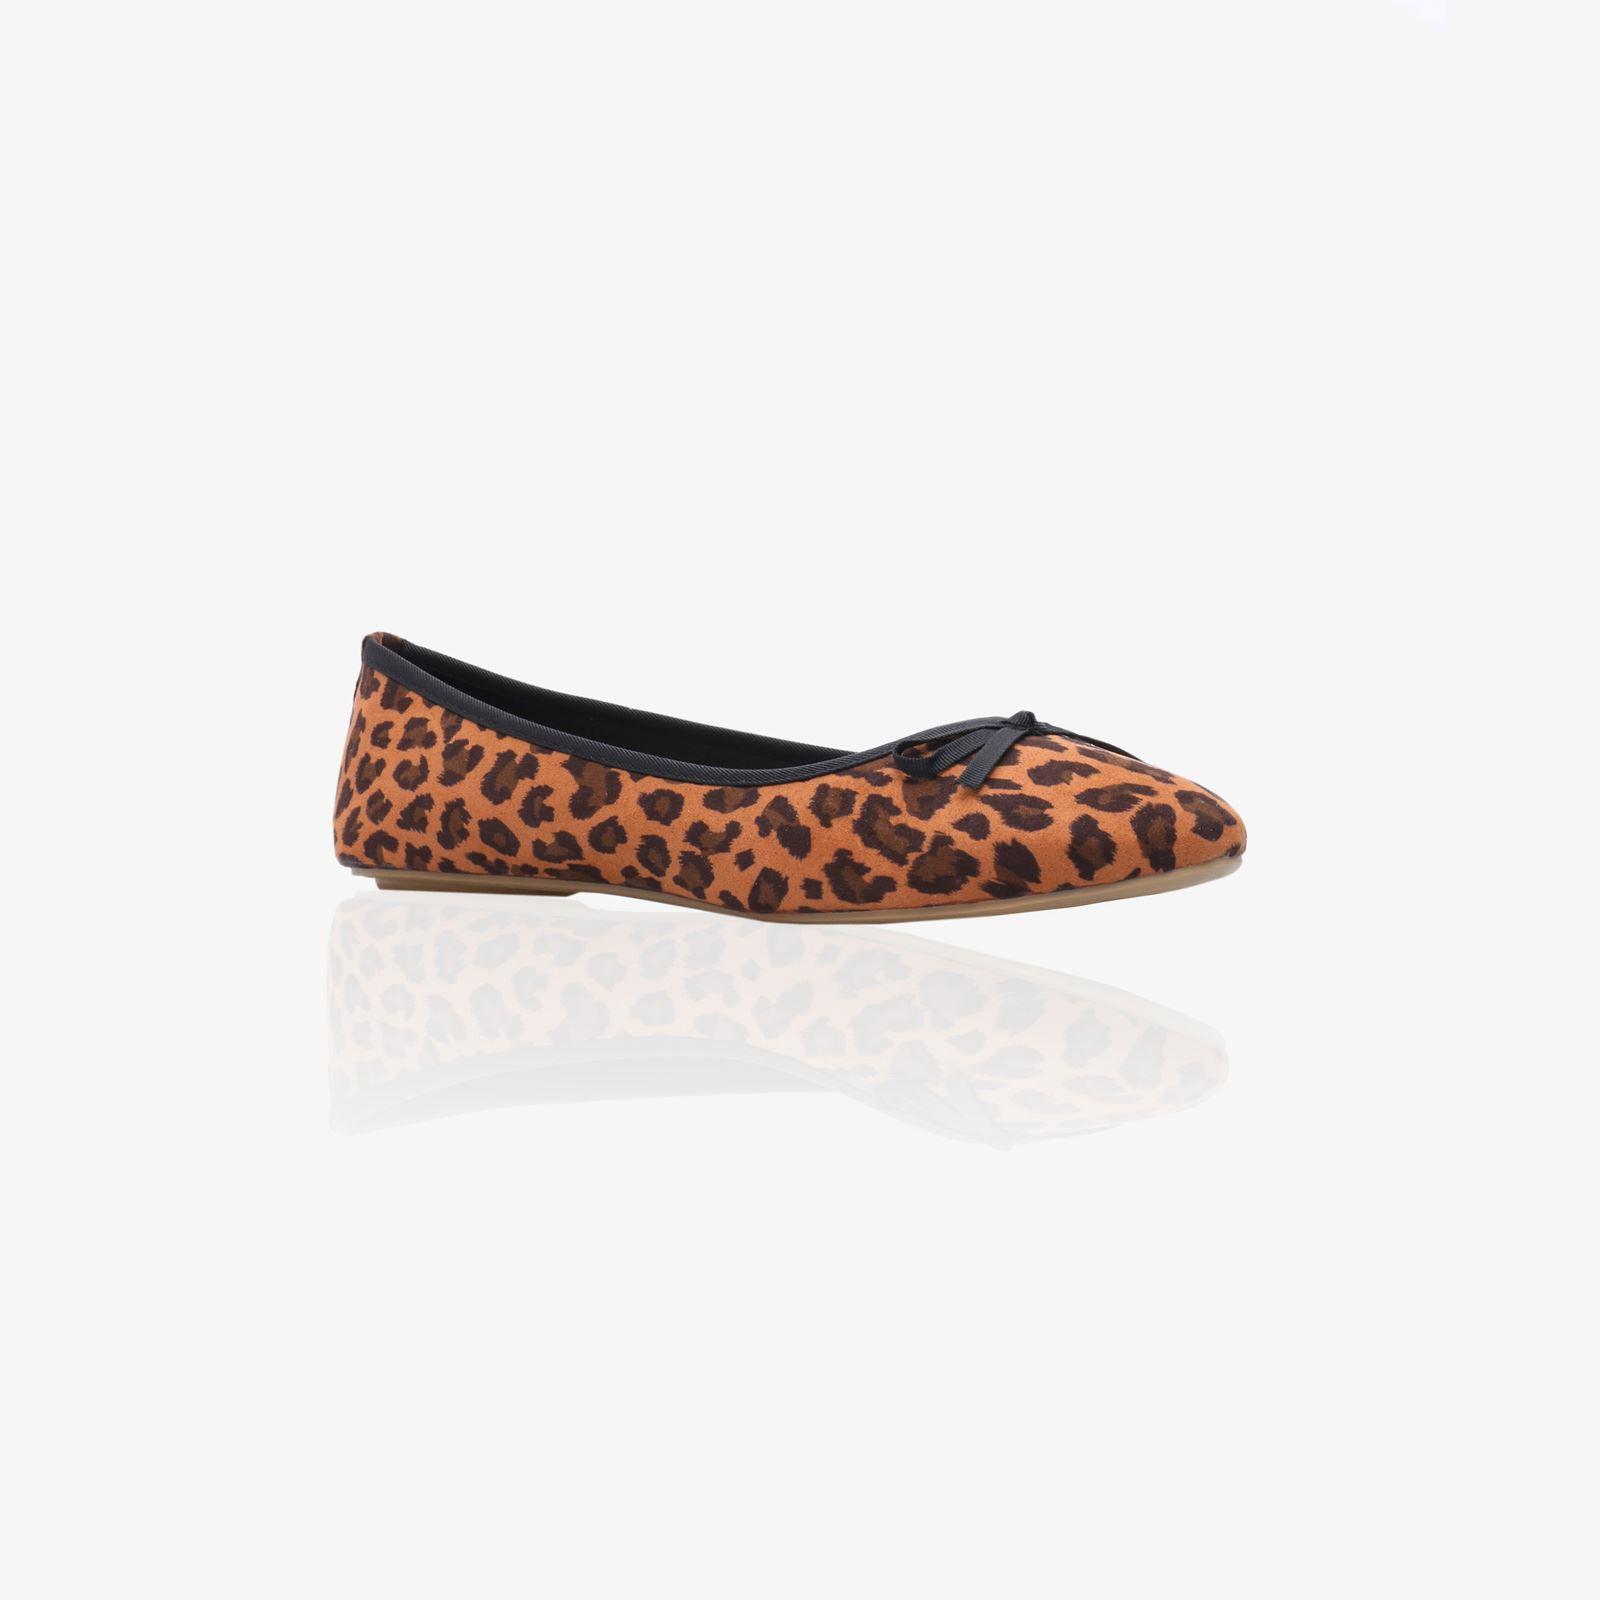 Women-Leopard-Plain-Basic-Ballet-Flats-Ballerina-Pumps-School-Shoes-Work-Office